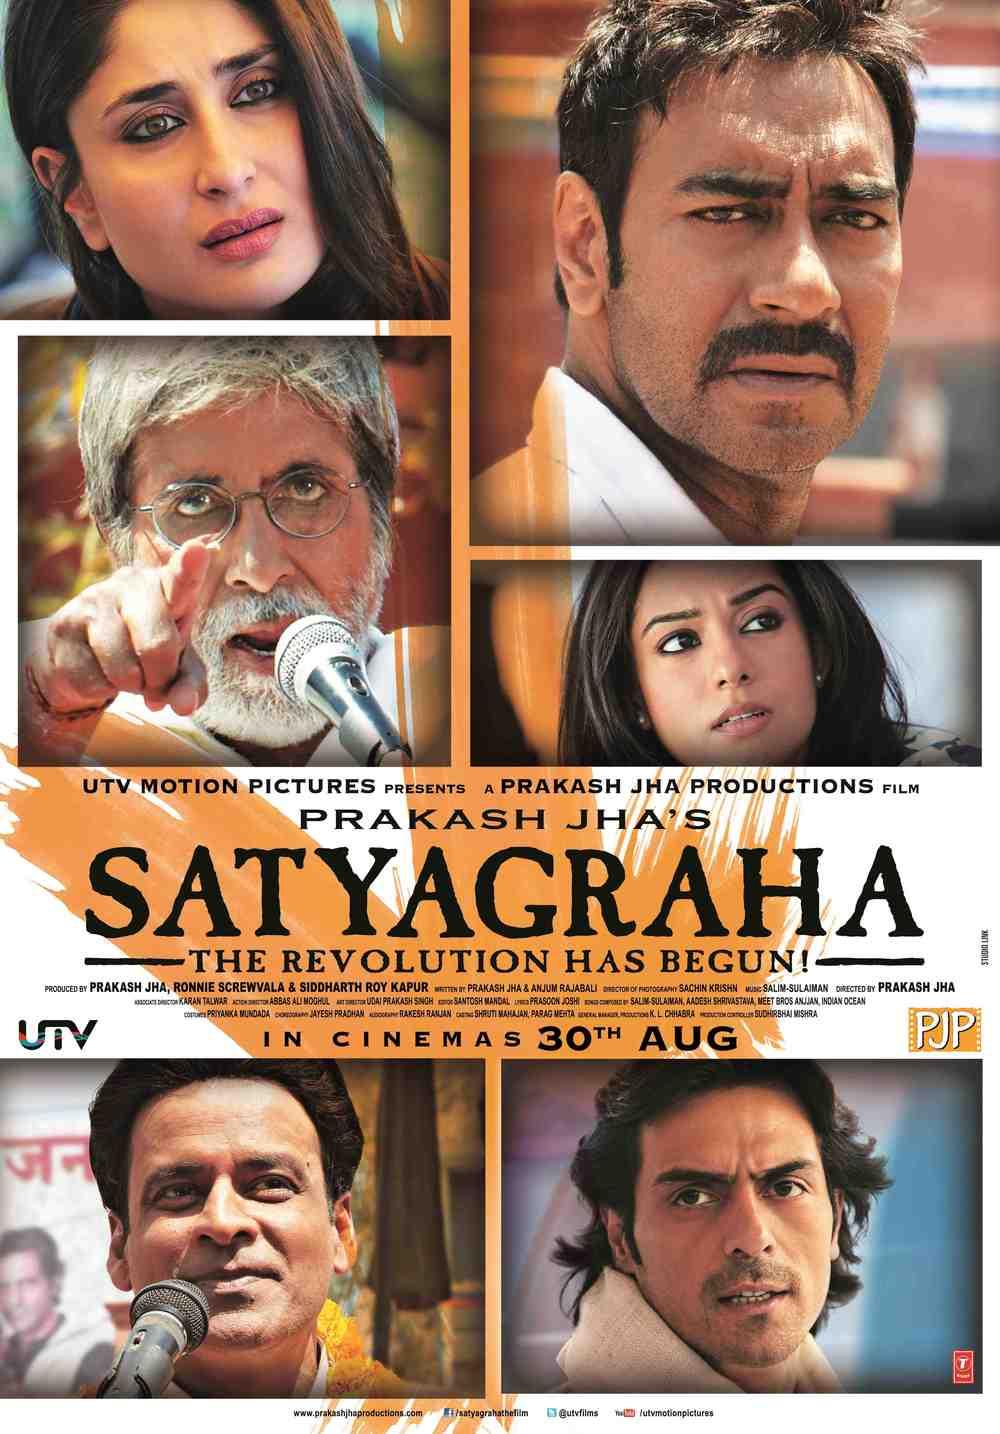 Satyagraha Poster 2 (1).jpg